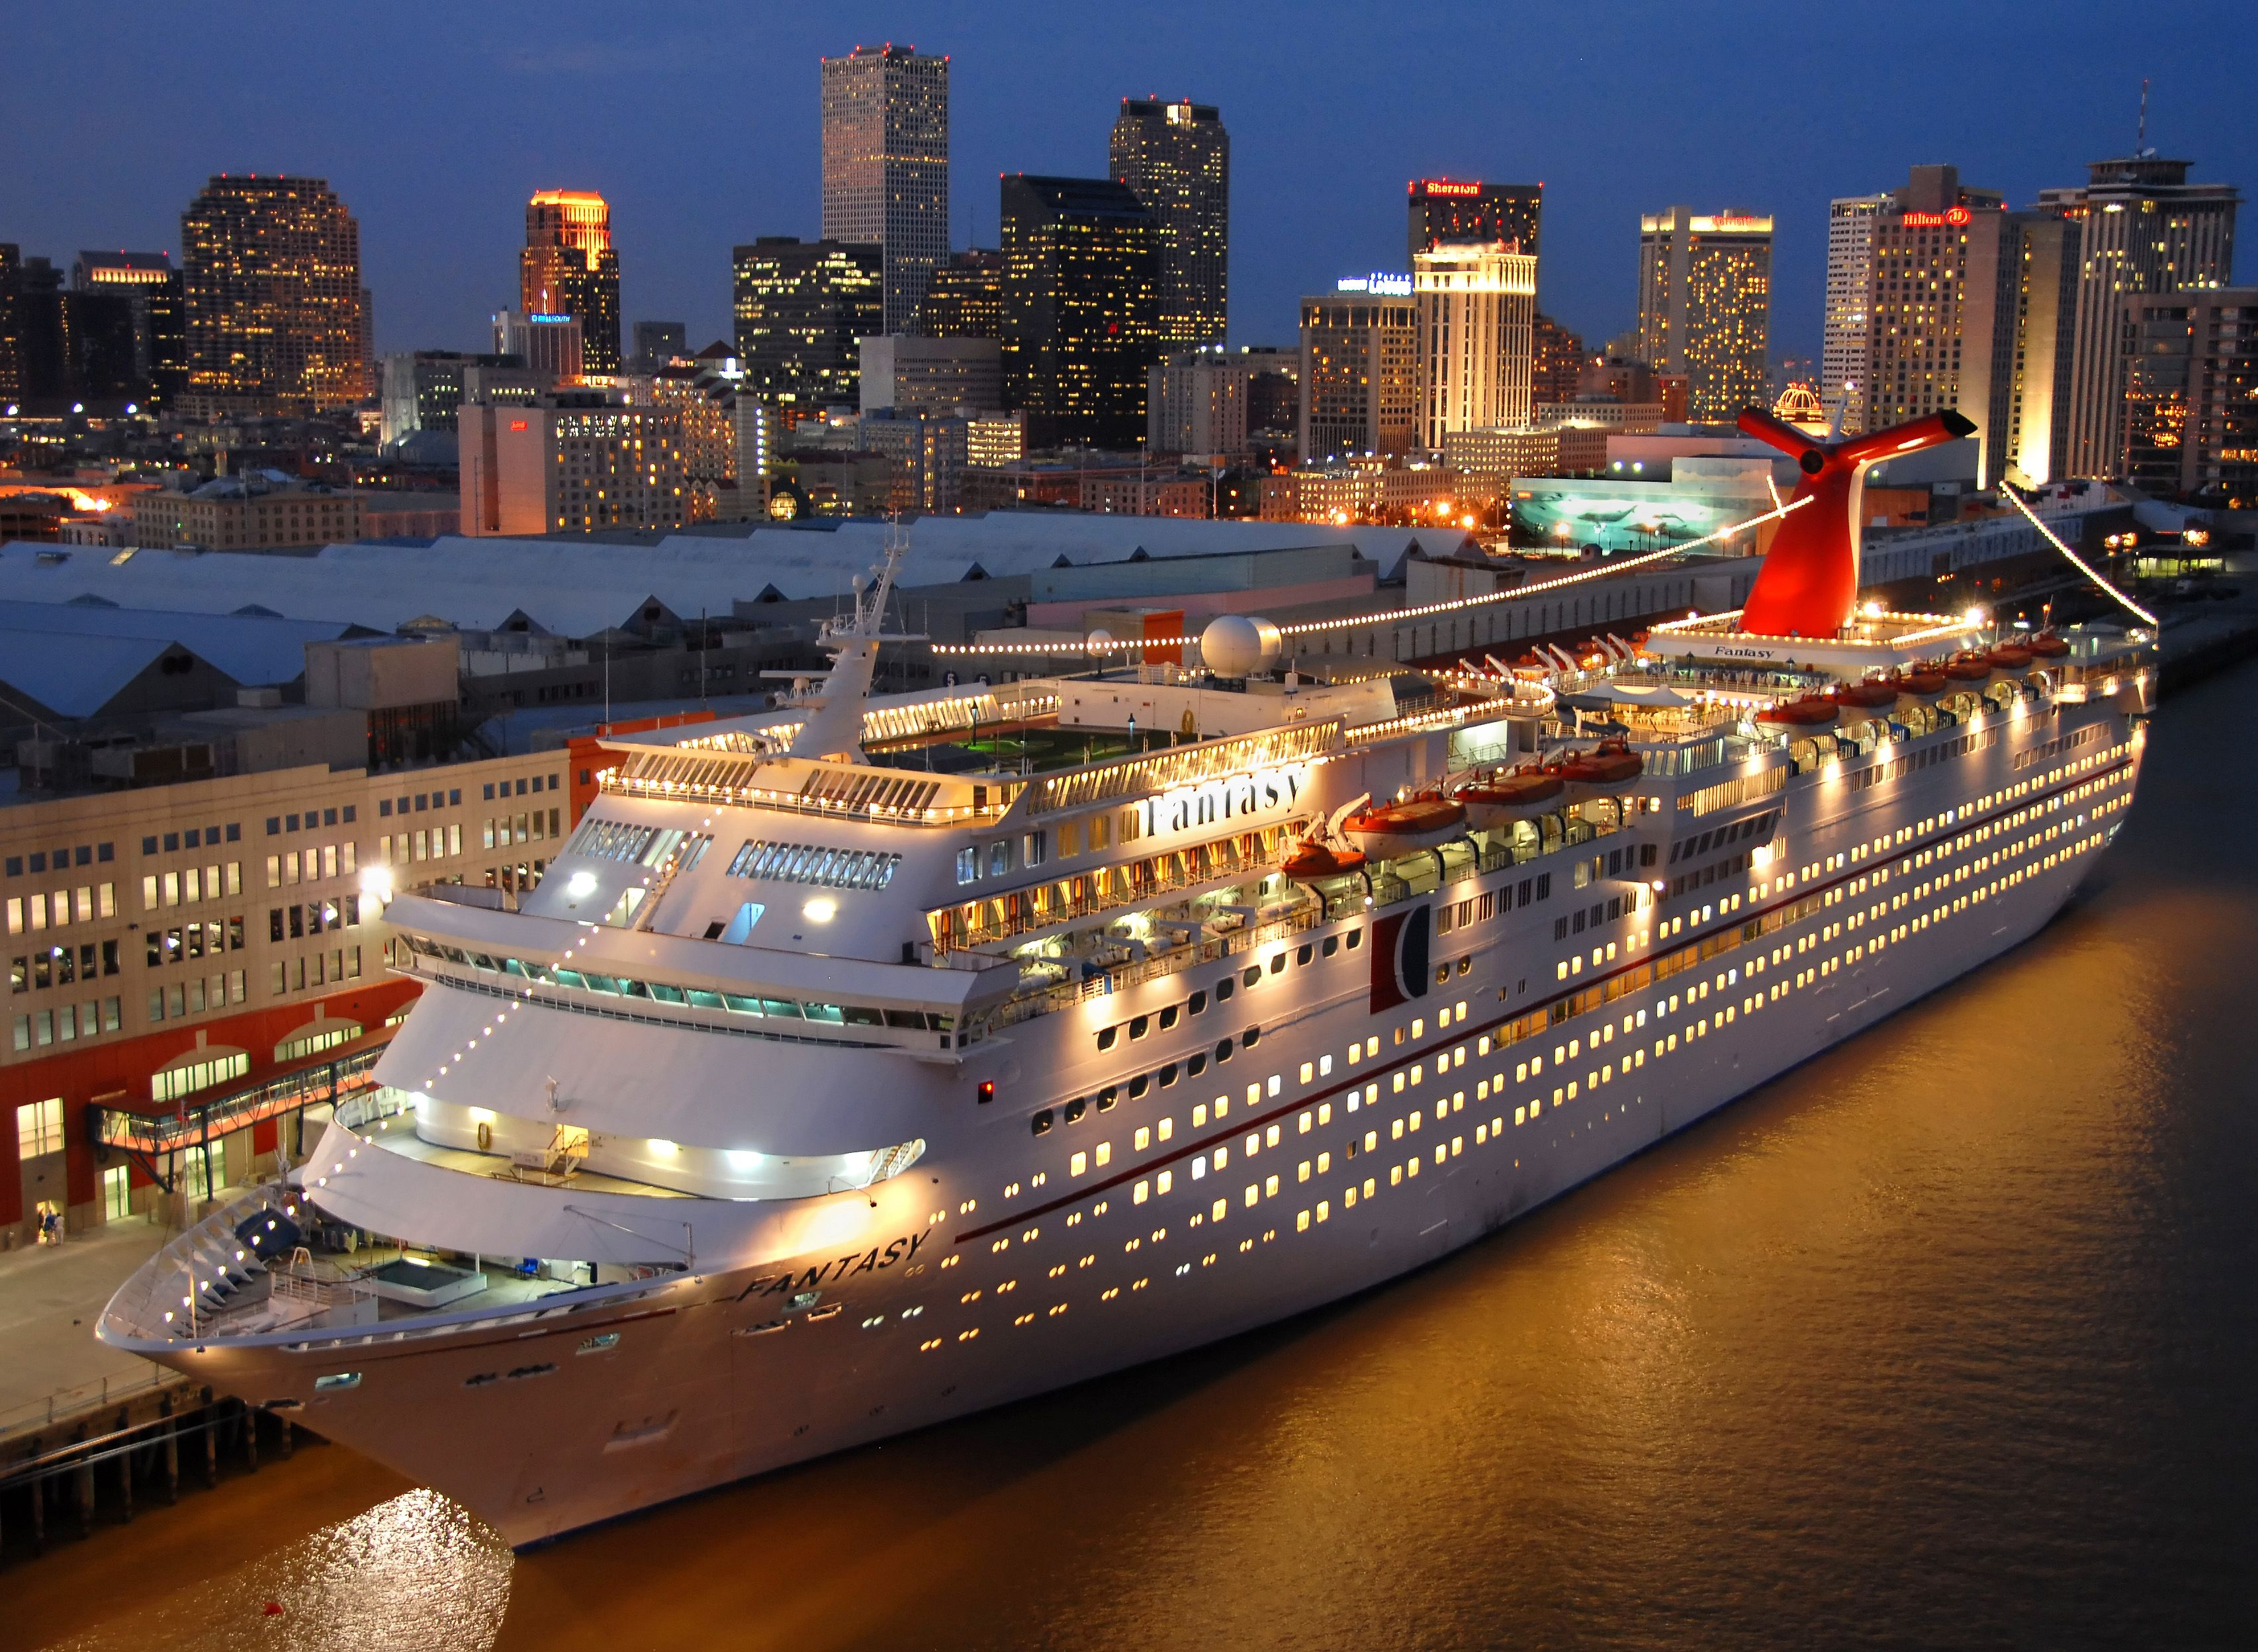 Cruise Ship Beautiful Wallpapers High Definition All Hd Wallpapers Carnival Cruise Ships Carnival Cruise Carnival Cruise Line